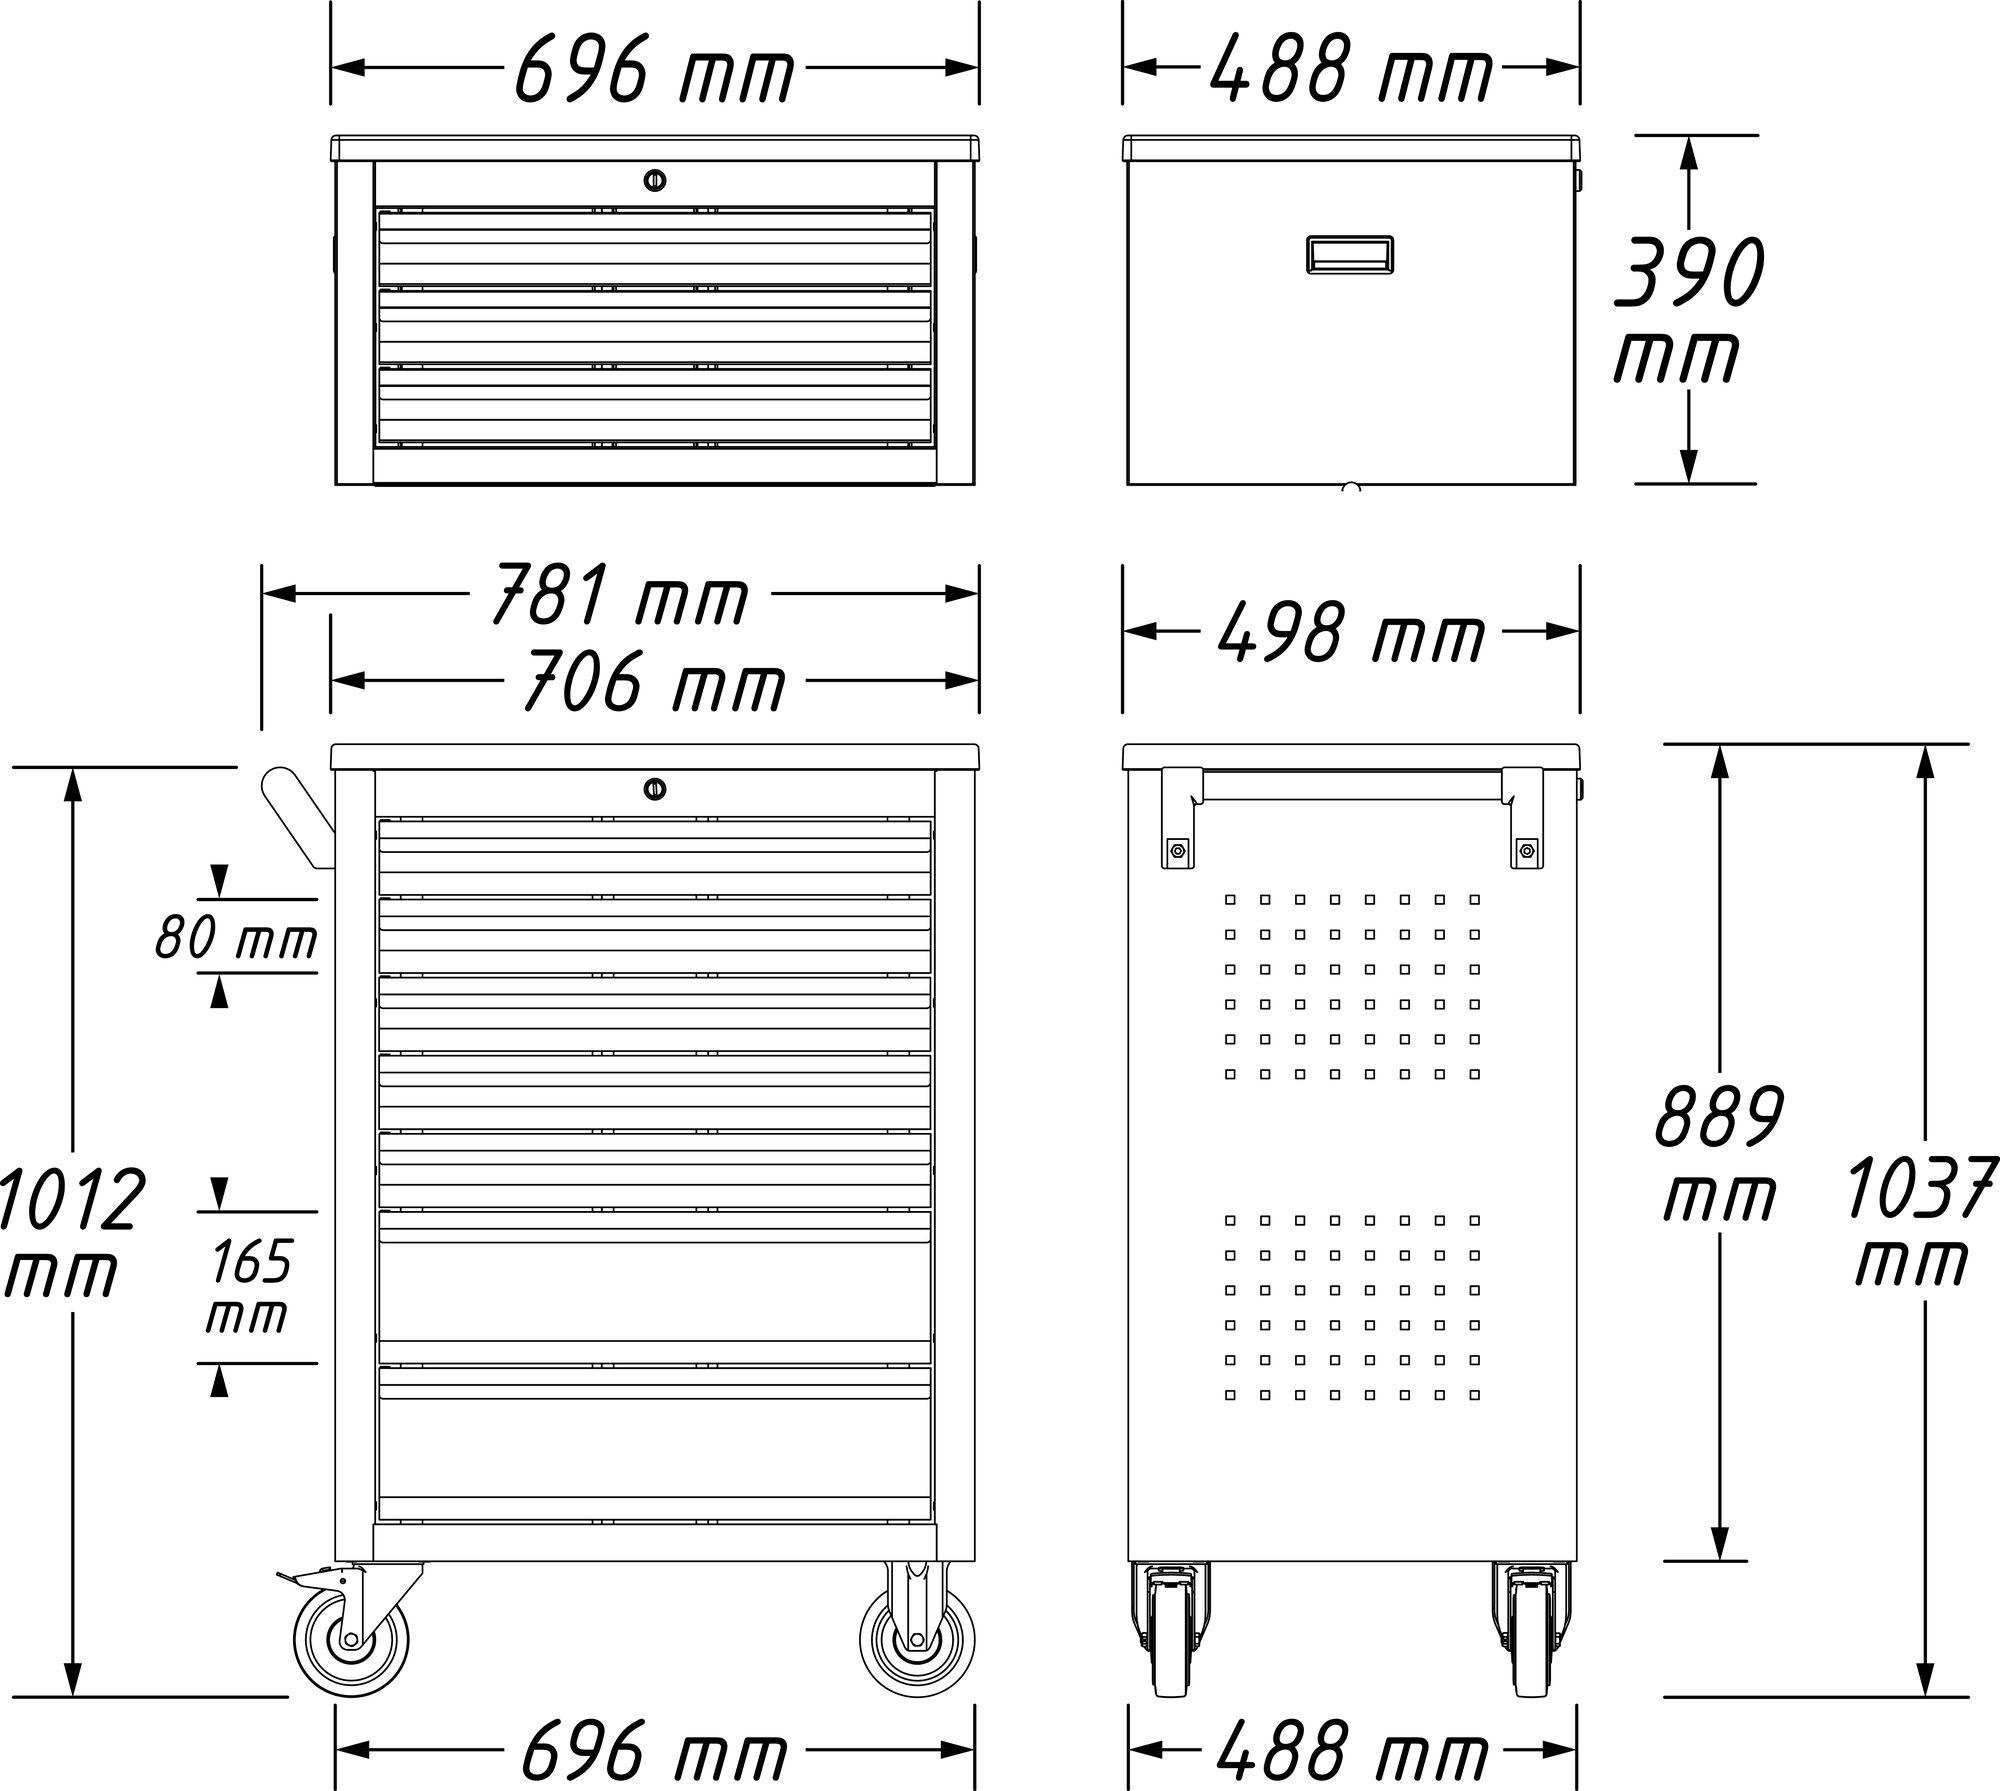 HAZET Werkstattwagen Assistent 178 N-7 ∙ mit 147 Werkzeugen 178N-7/147 ∙ Anzahl Werkzeuge: 147